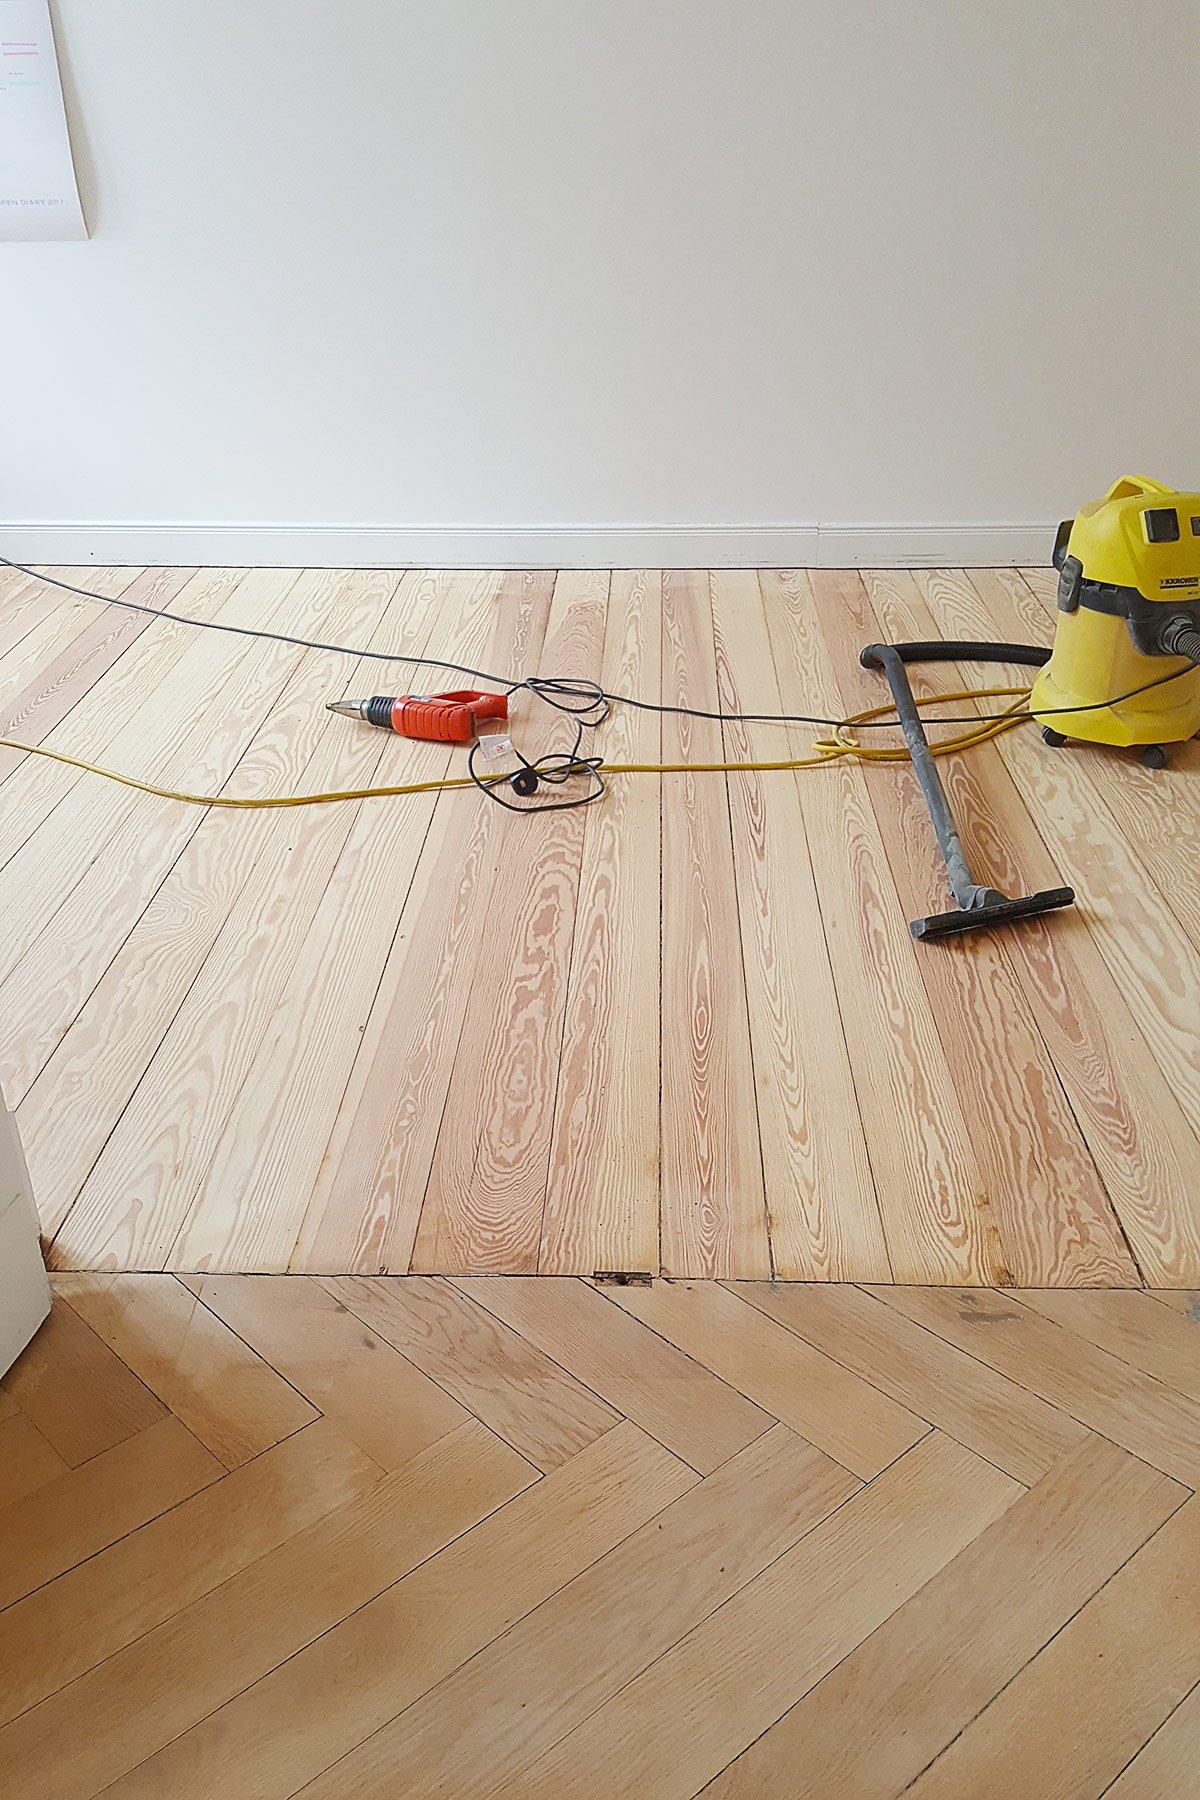 Floorsanding In Progress